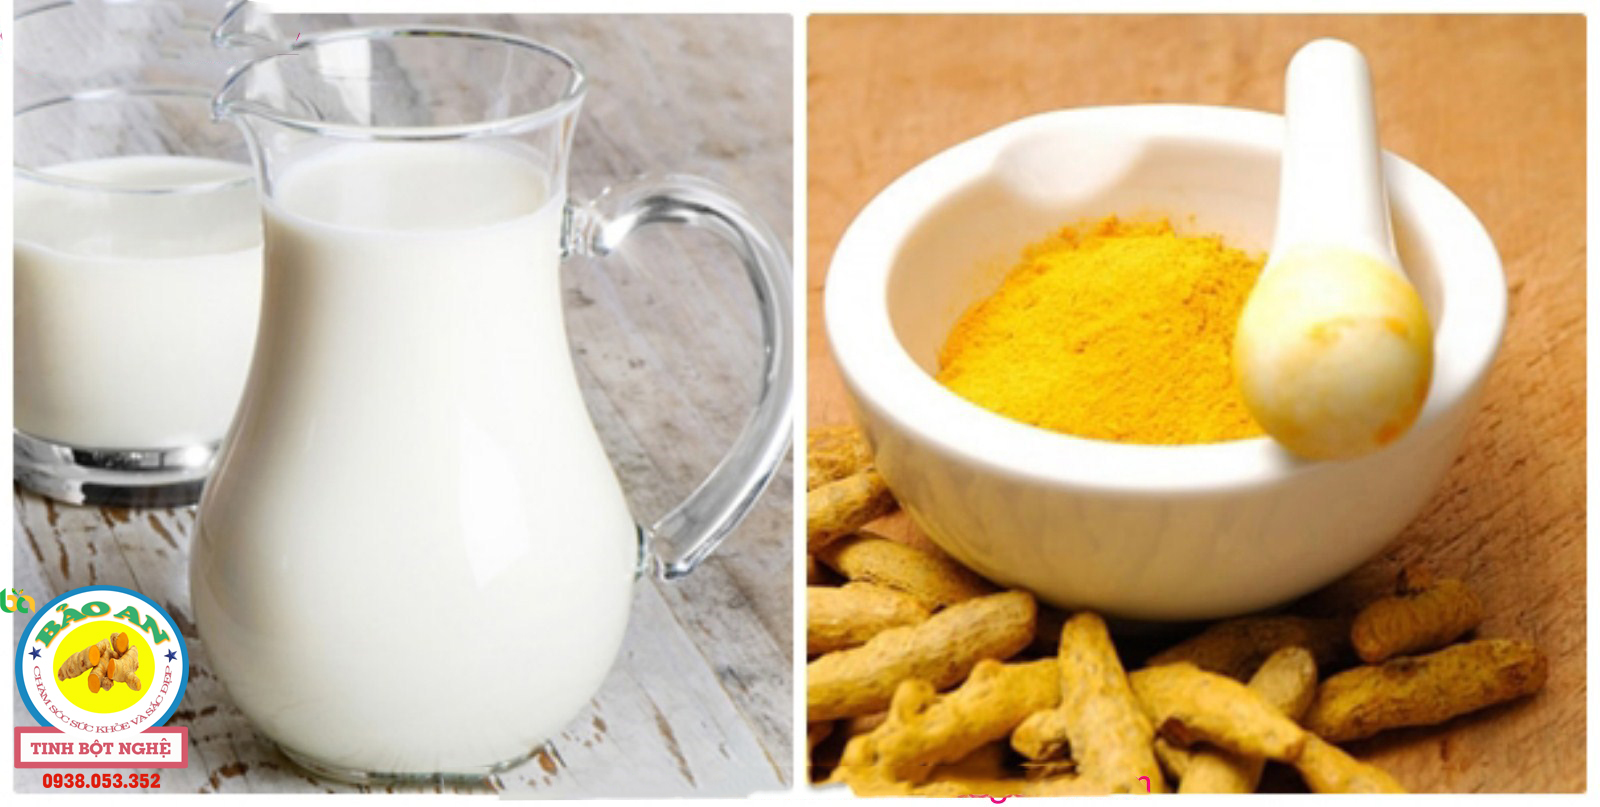 tinh bột nghệ, bột cám gạo và sữa tươi giúp trị nám